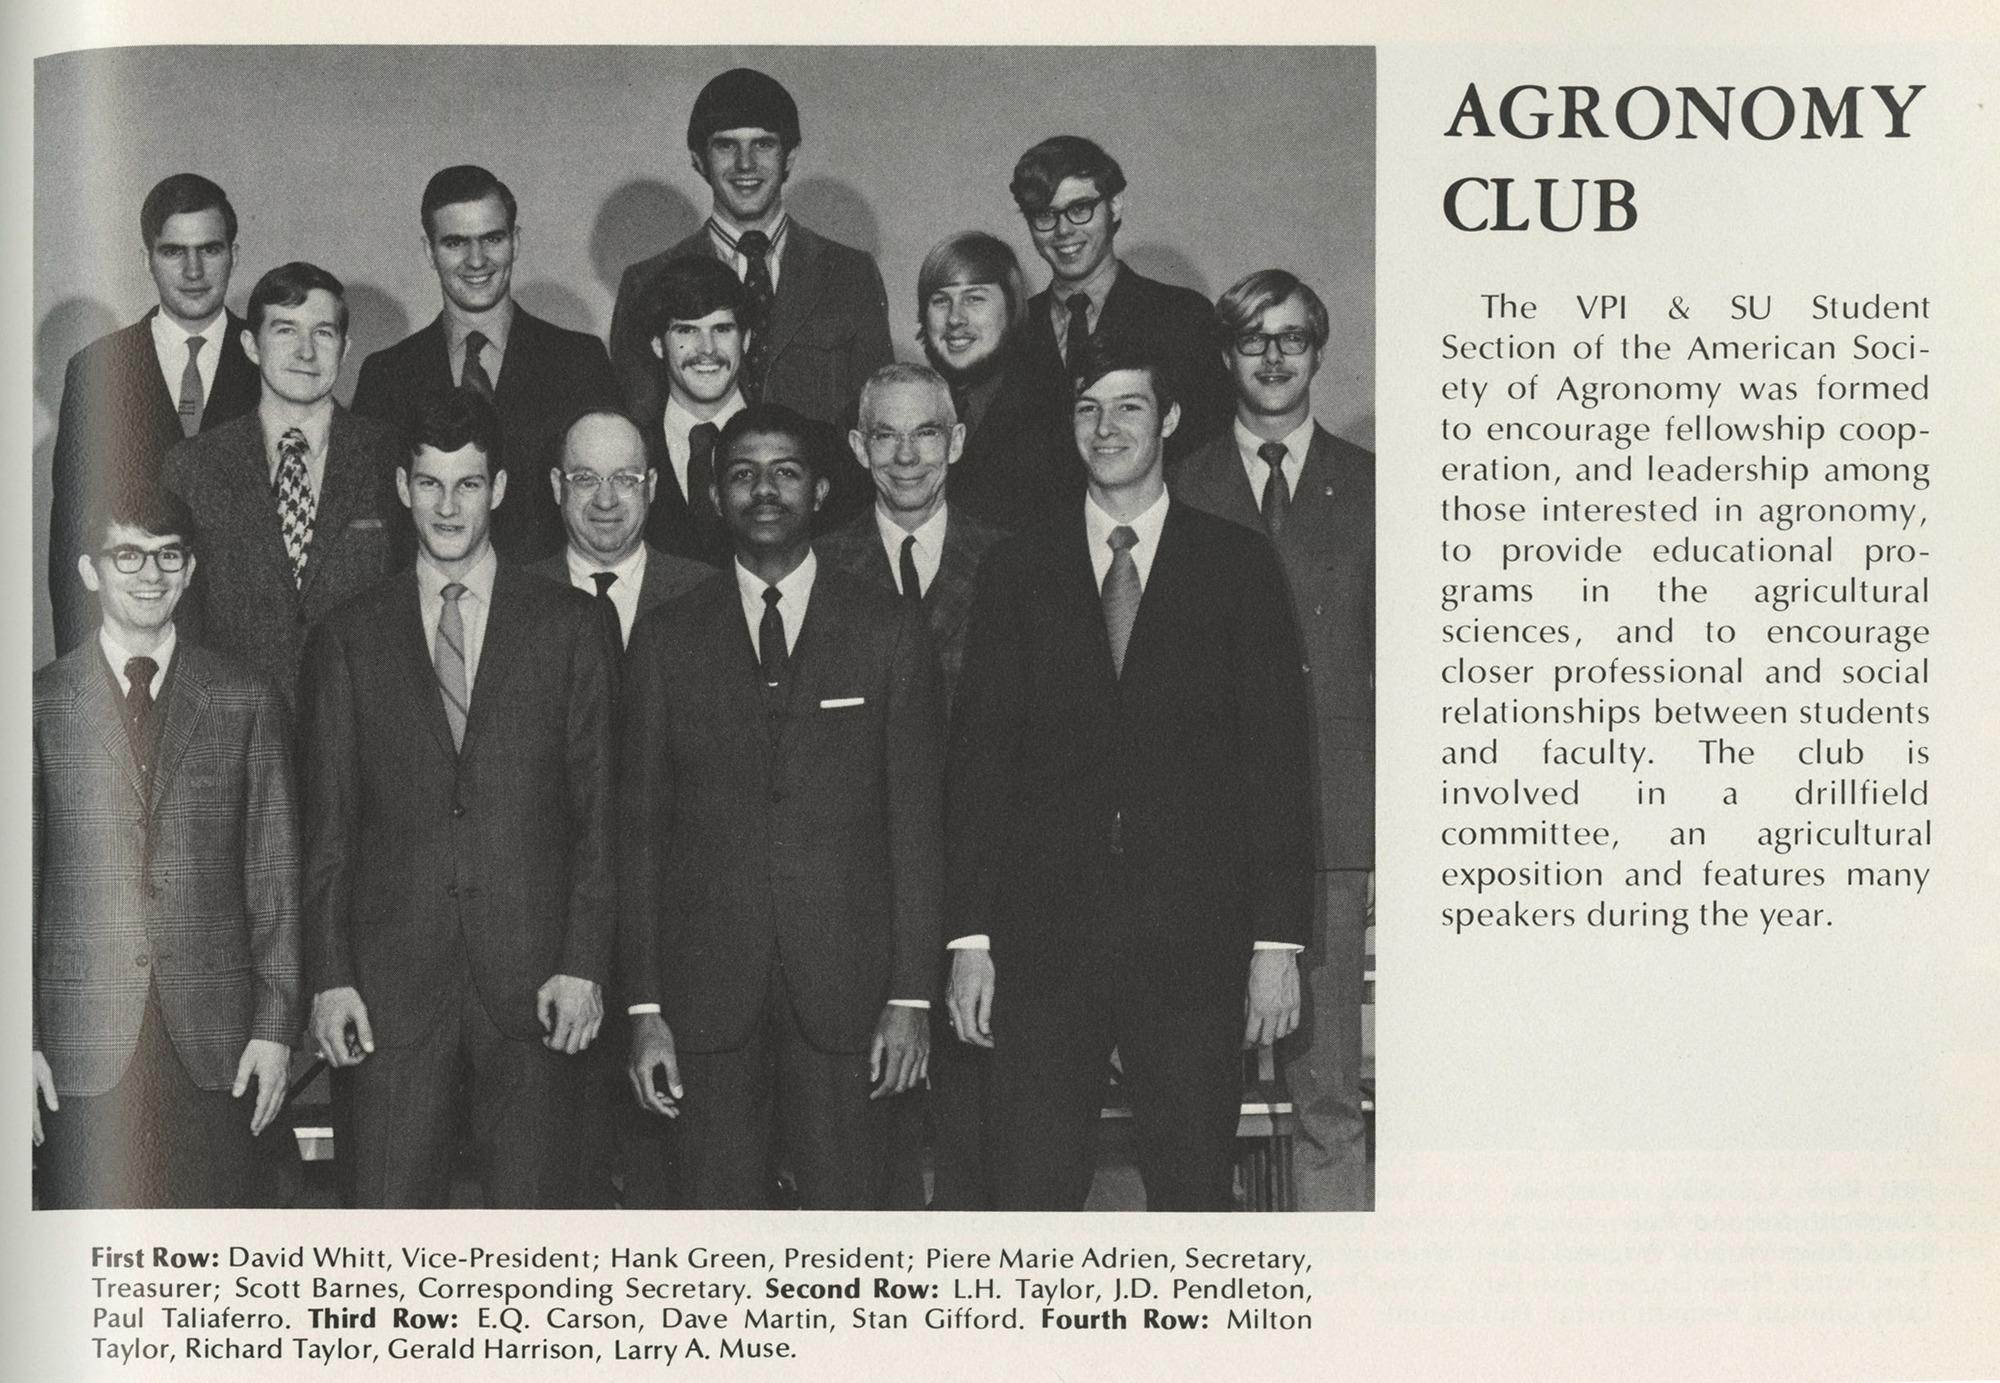 http://spec.lib.vt.edu/pickup/Omeka_upload/Bugle1971_pg173_Agronomy.jpg